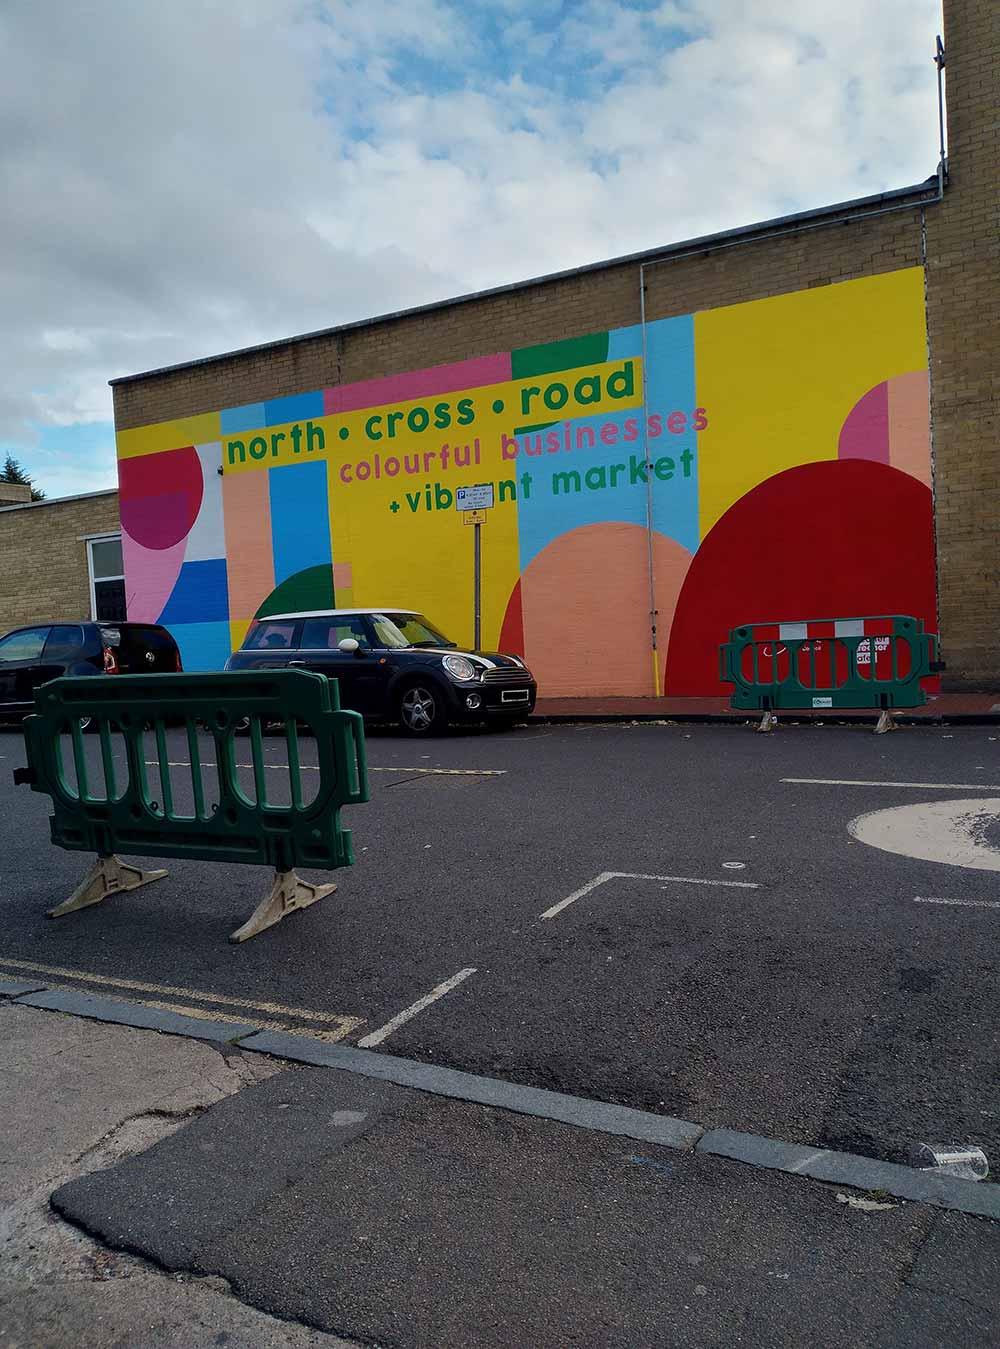 colorful roadside mural